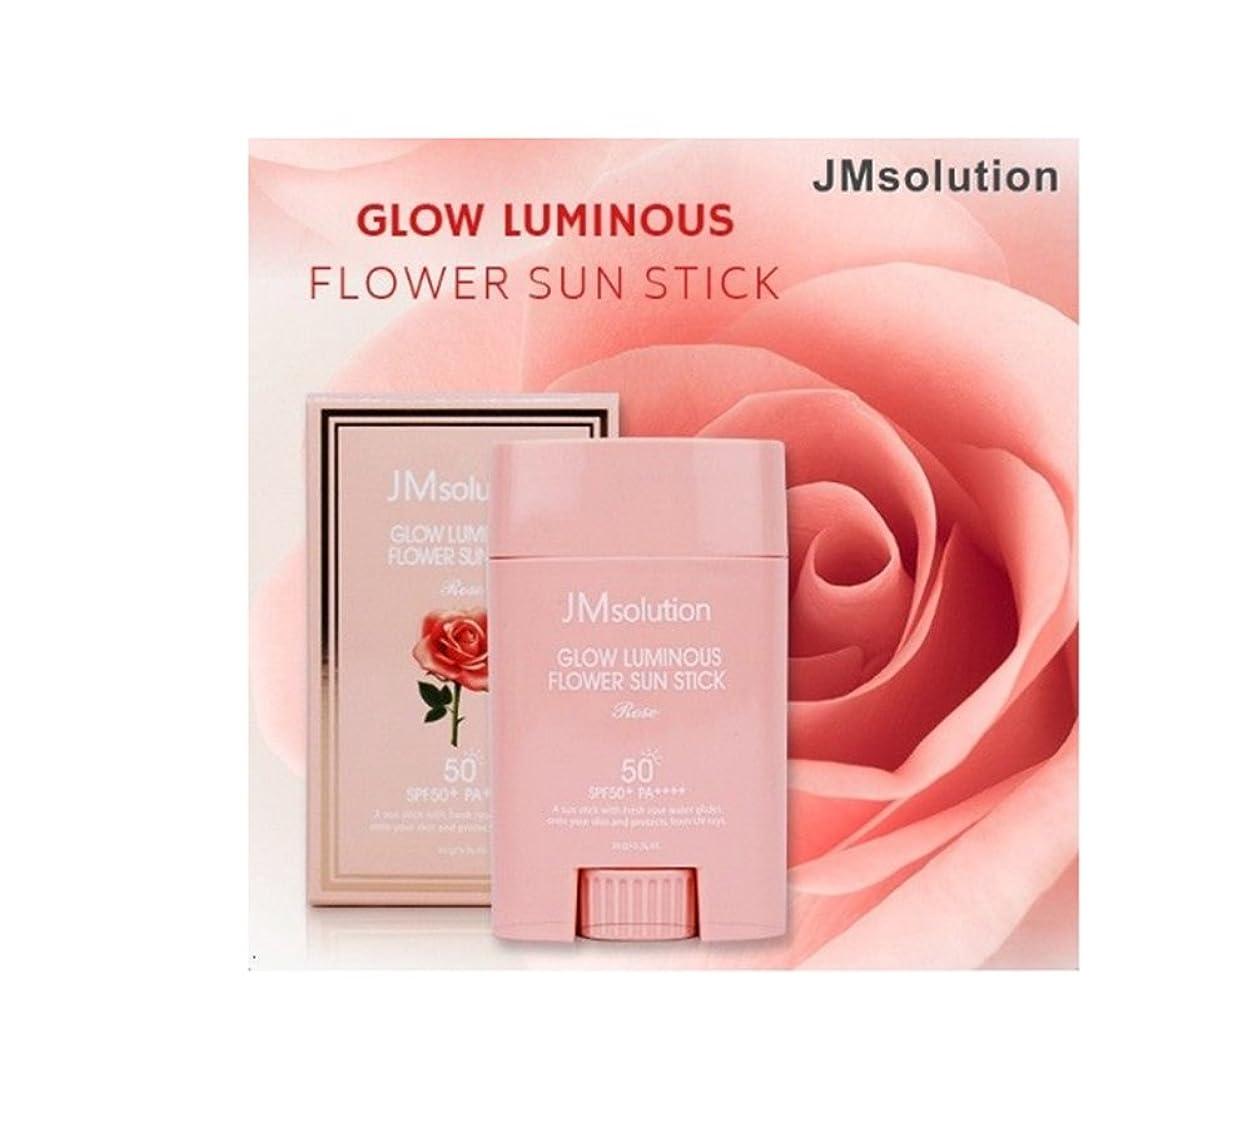 喜劇重力寛大なJM Solution Glow Luminous Flower Sun Stick Rose 21g (spf50 PA) 光る輝く花Sun Stick Rose